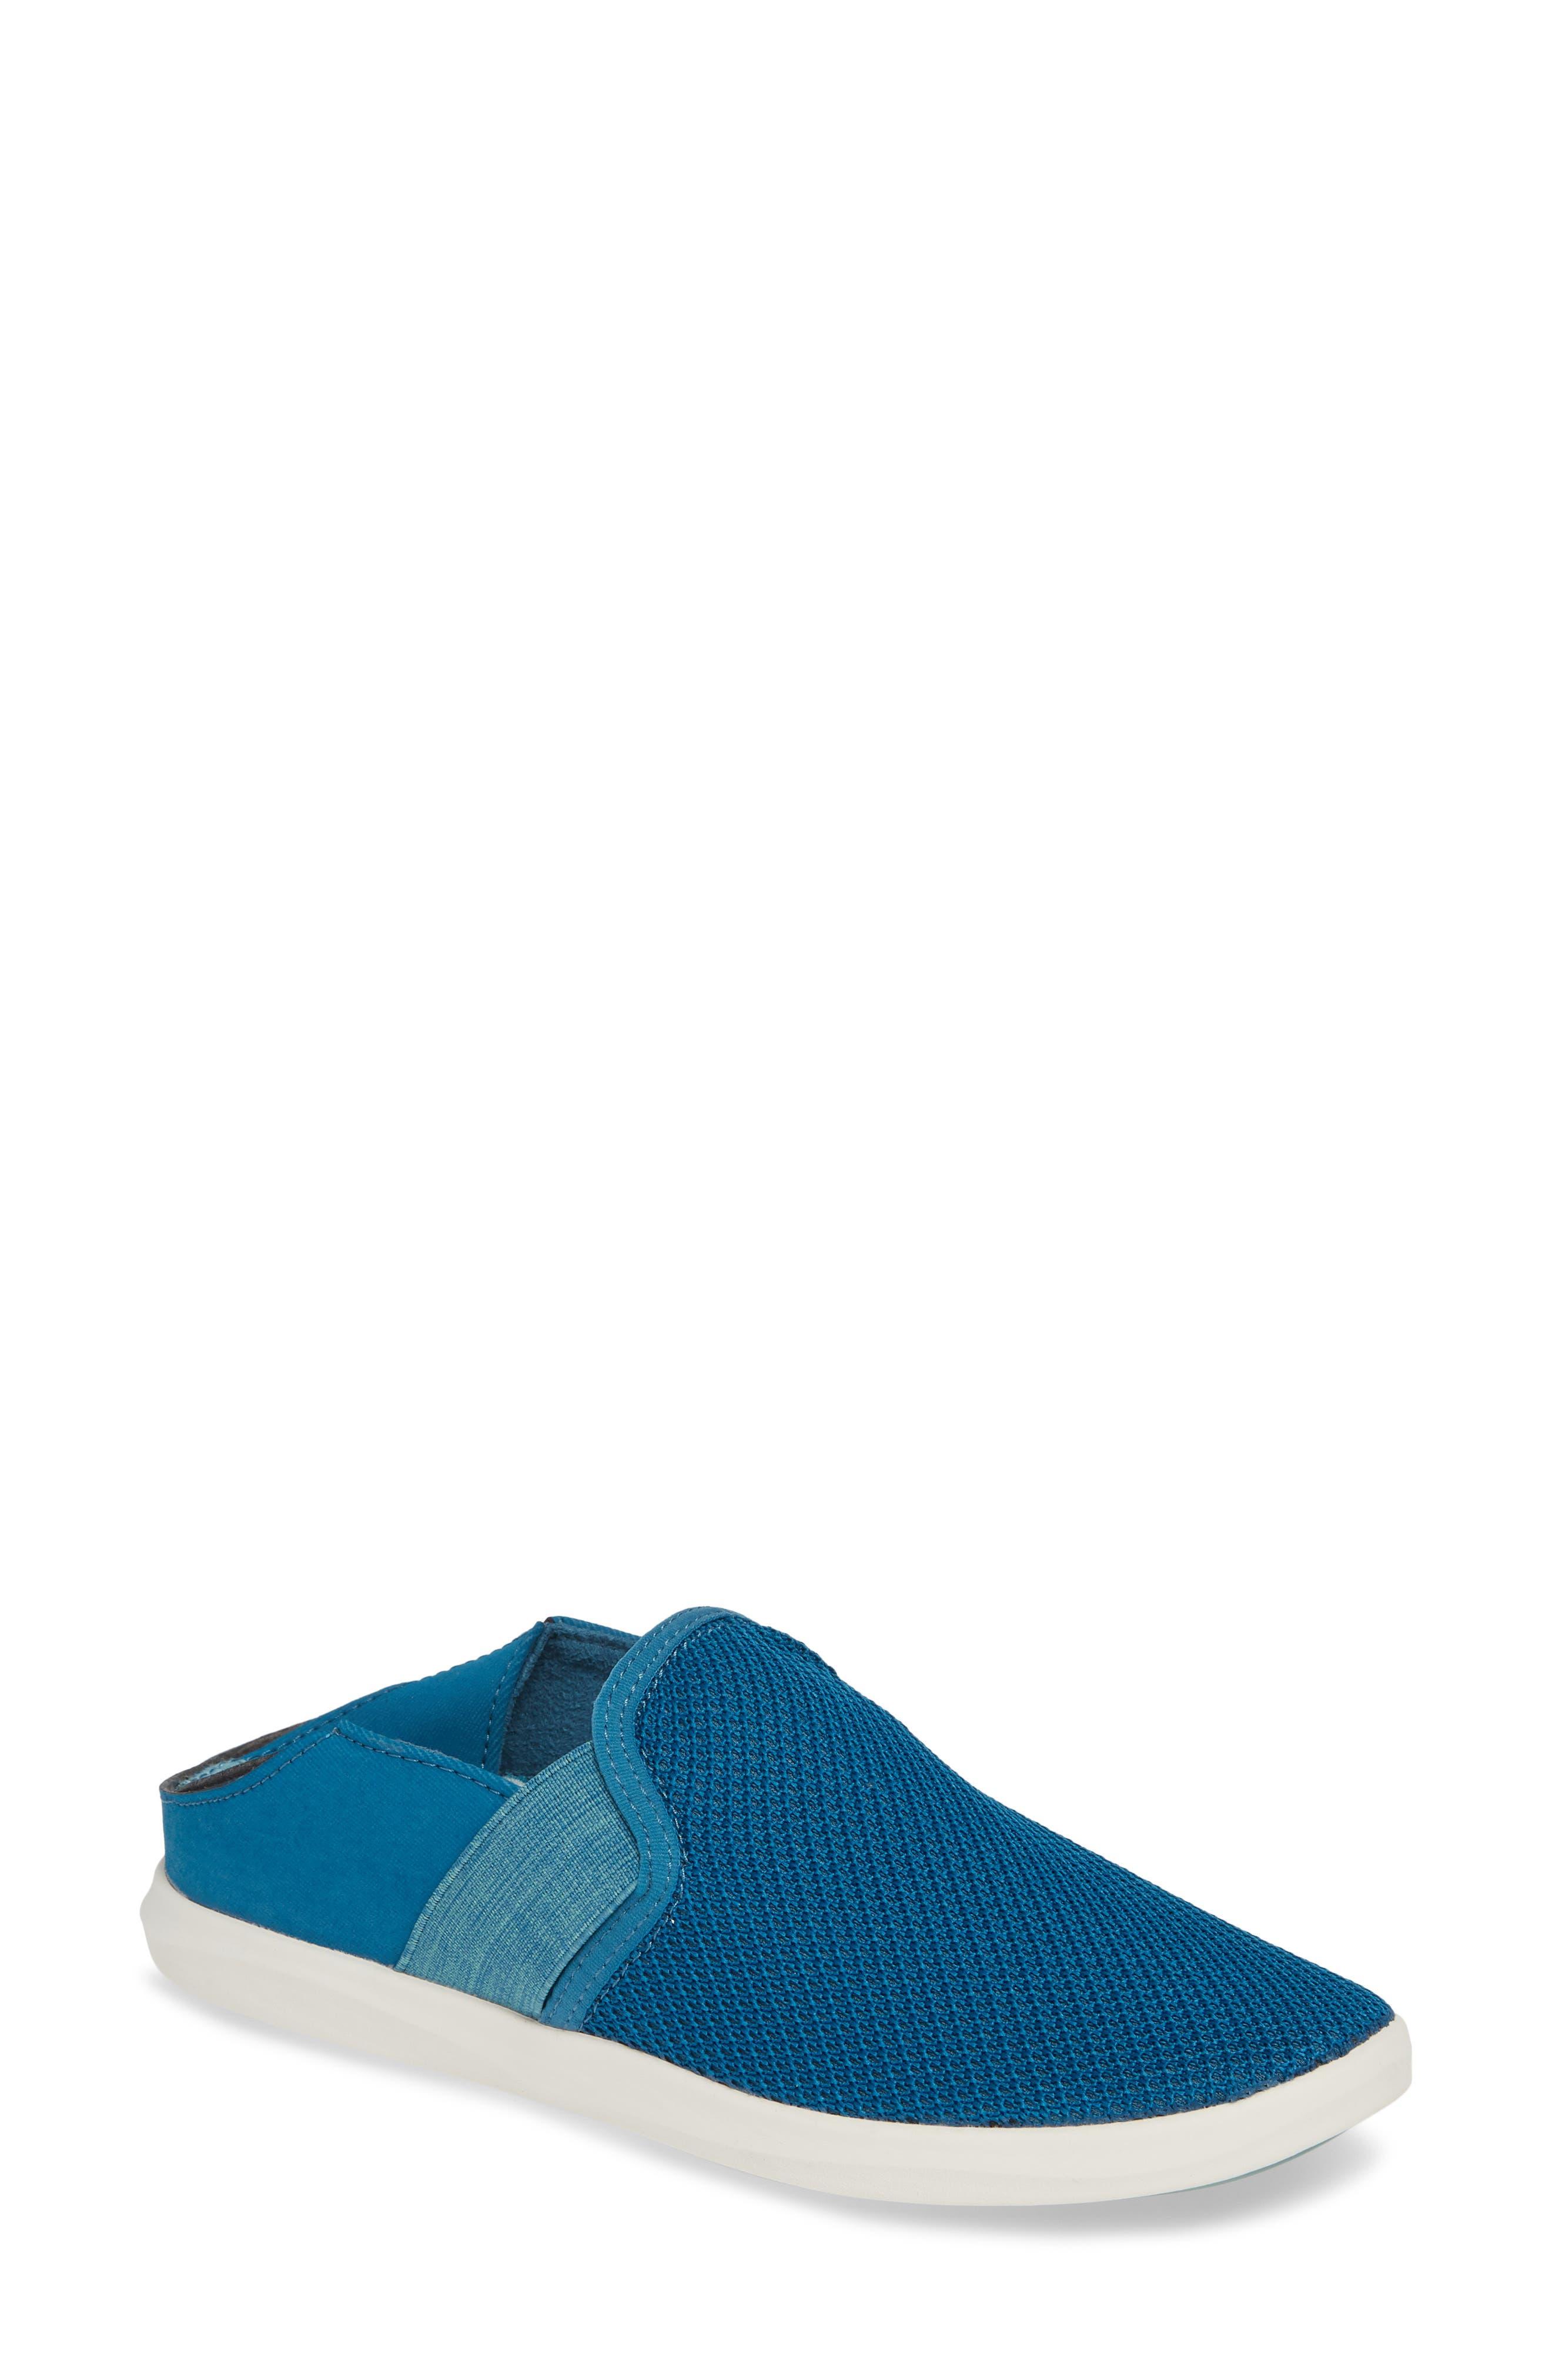 Olukai Haleiwa Pai Sneaker, Blue